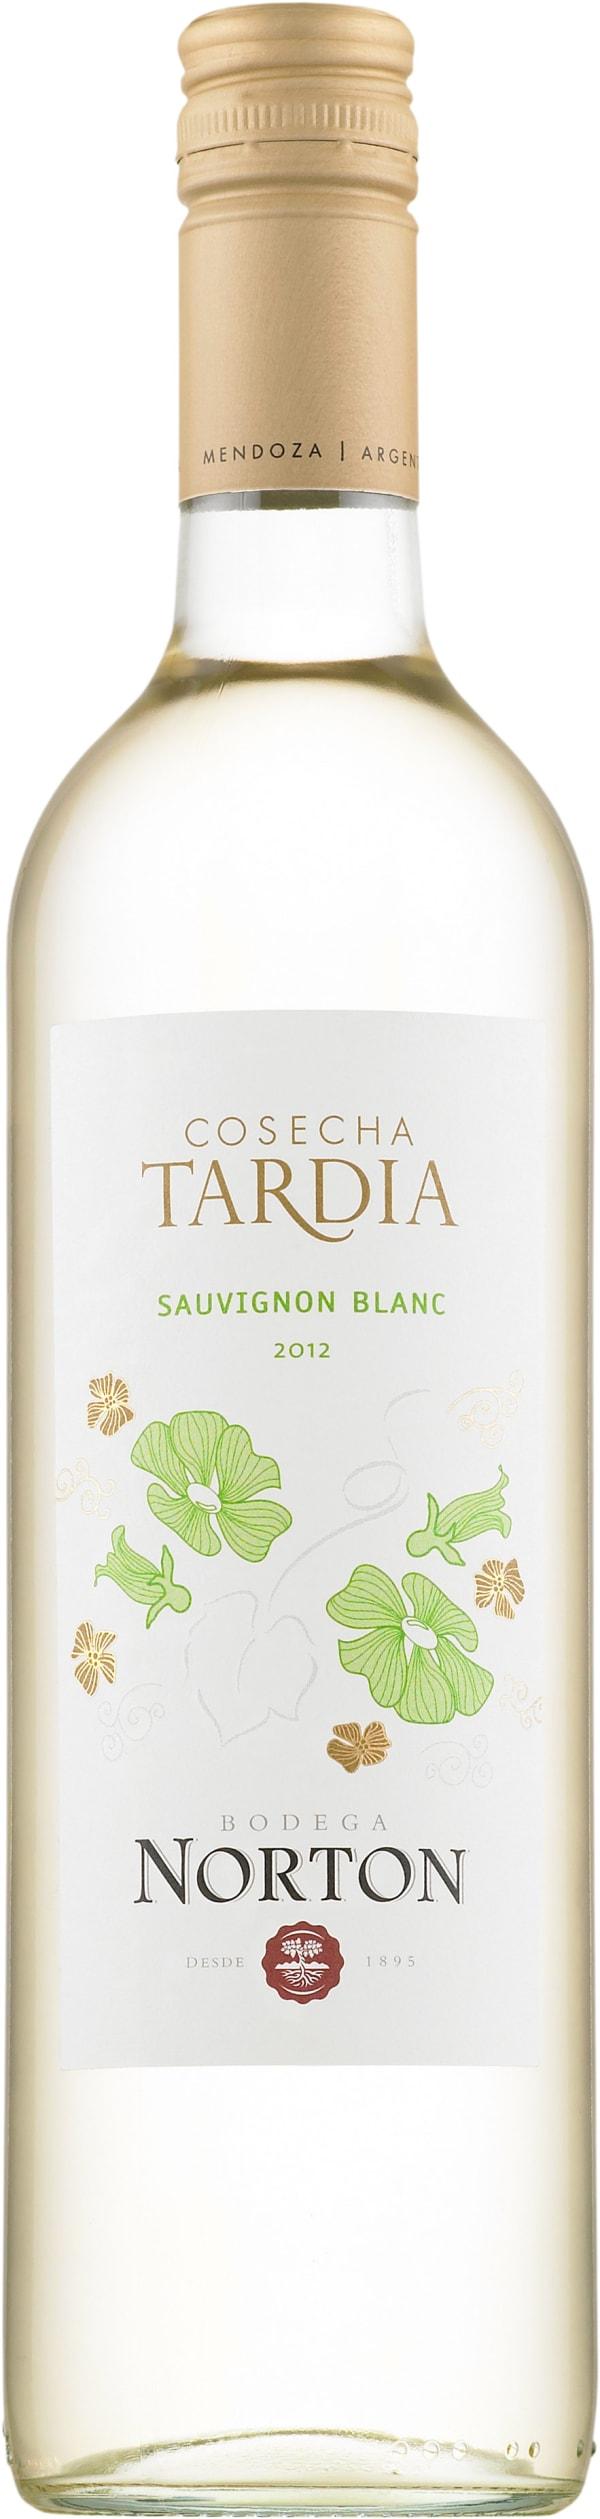 Norton Sauvignon Blanc Cosecha Tardía 2017